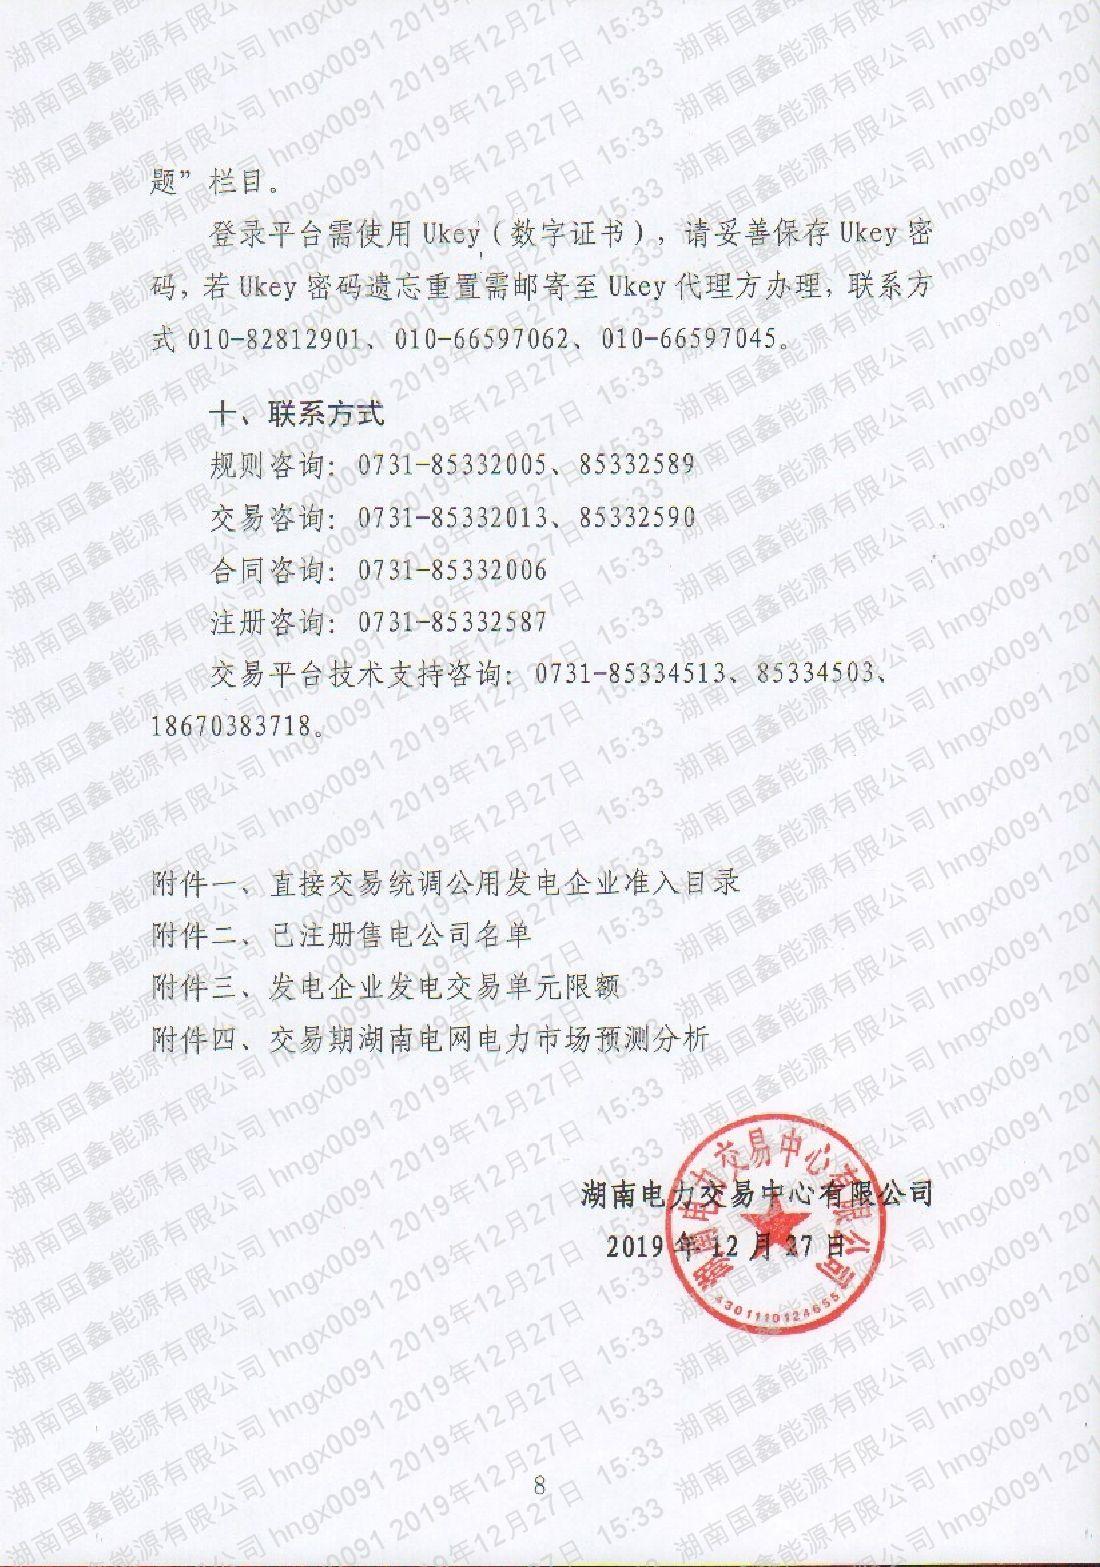 2020年第2號交易公告(1月月度交易).pdf_page_8_compressed.jpg